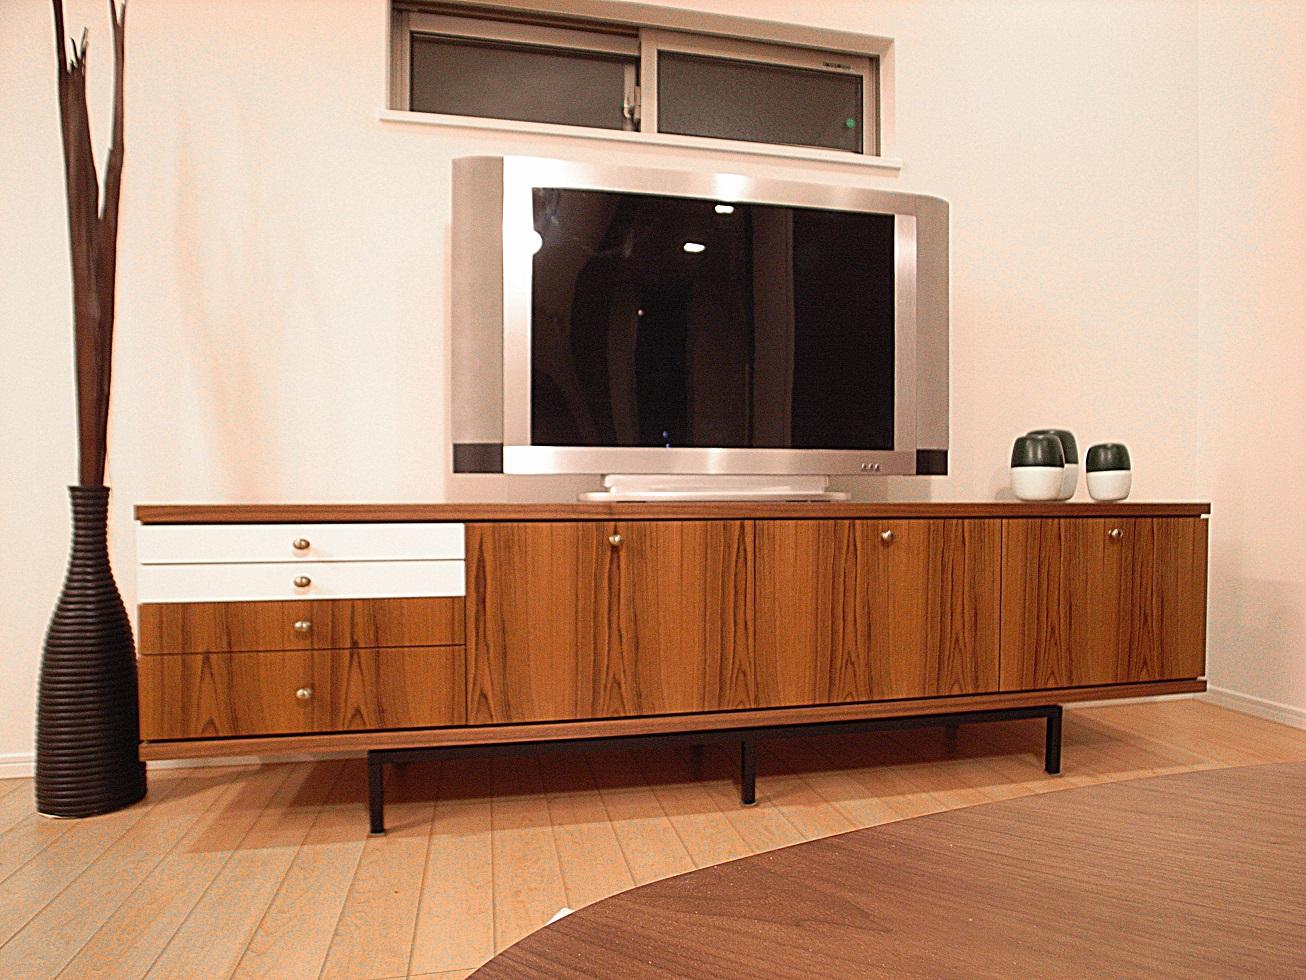 オーダー家具・モダンビンテージをテーマにオーダー製作したテレビボード